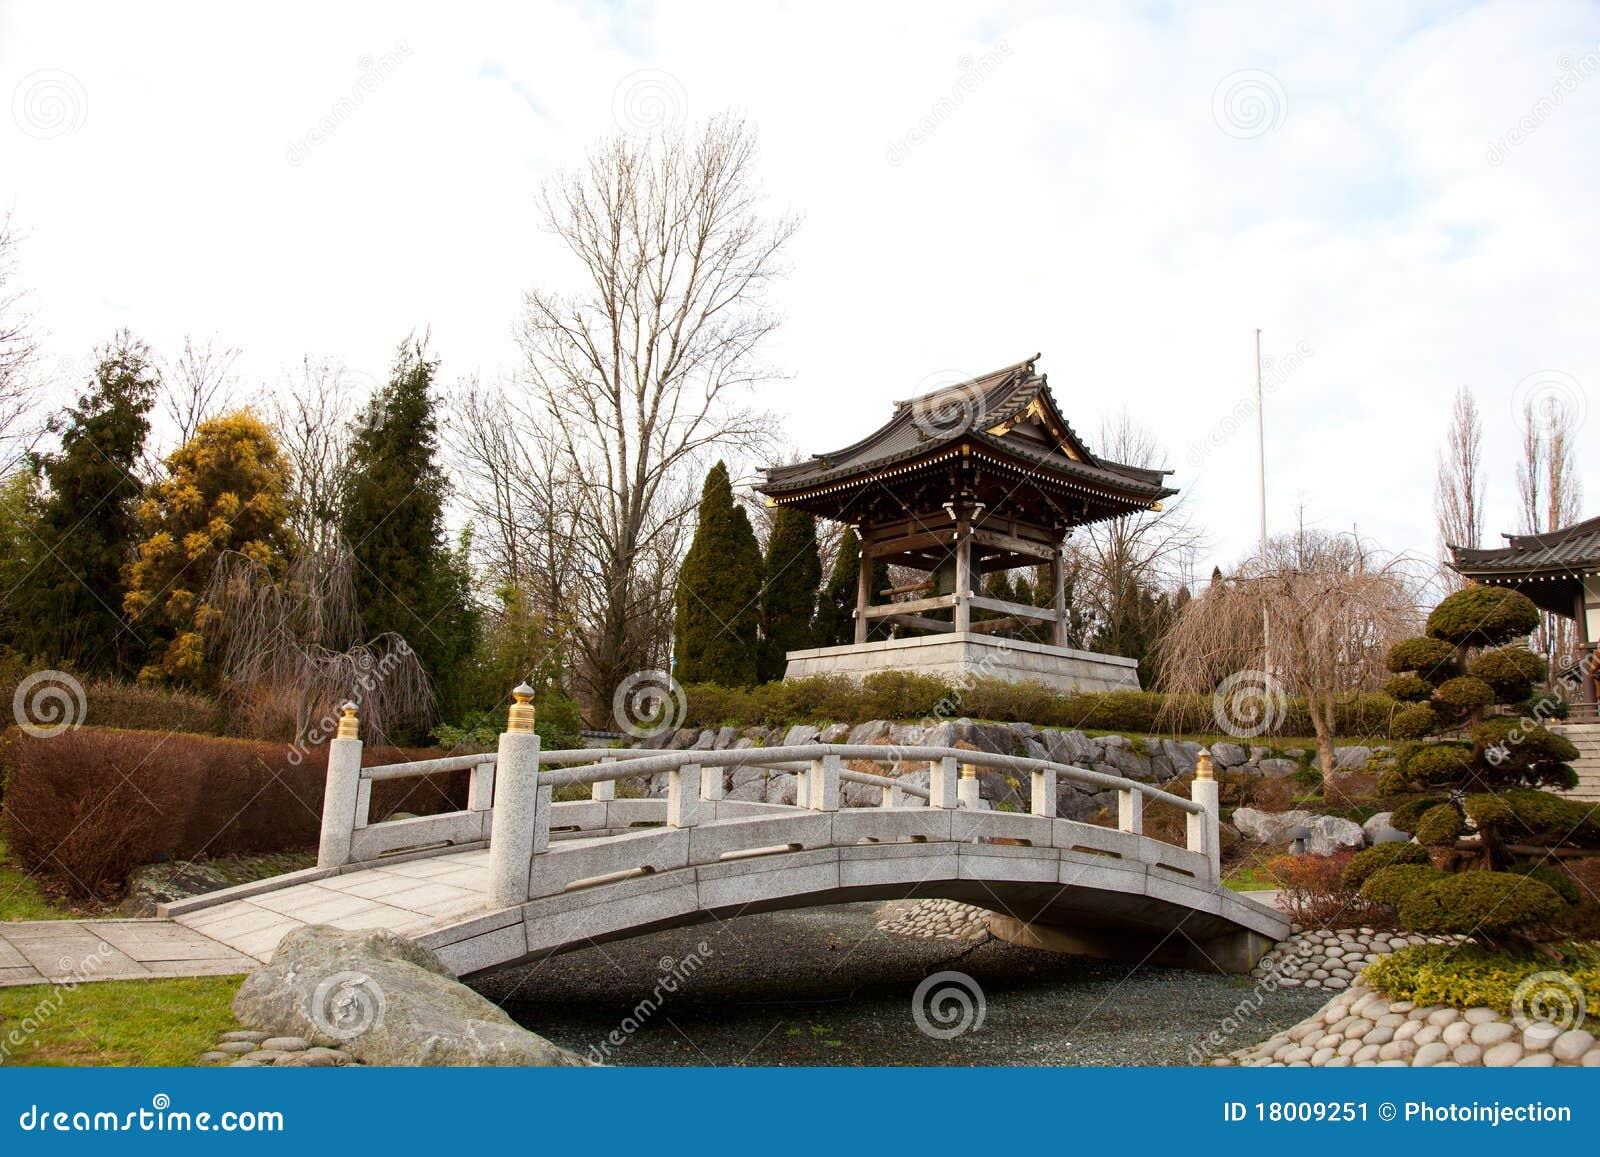 asiatischer garten stockbild bild von asien asiatisch 18009251. Black Bedroom Furniture Sets. Home Design Ideas